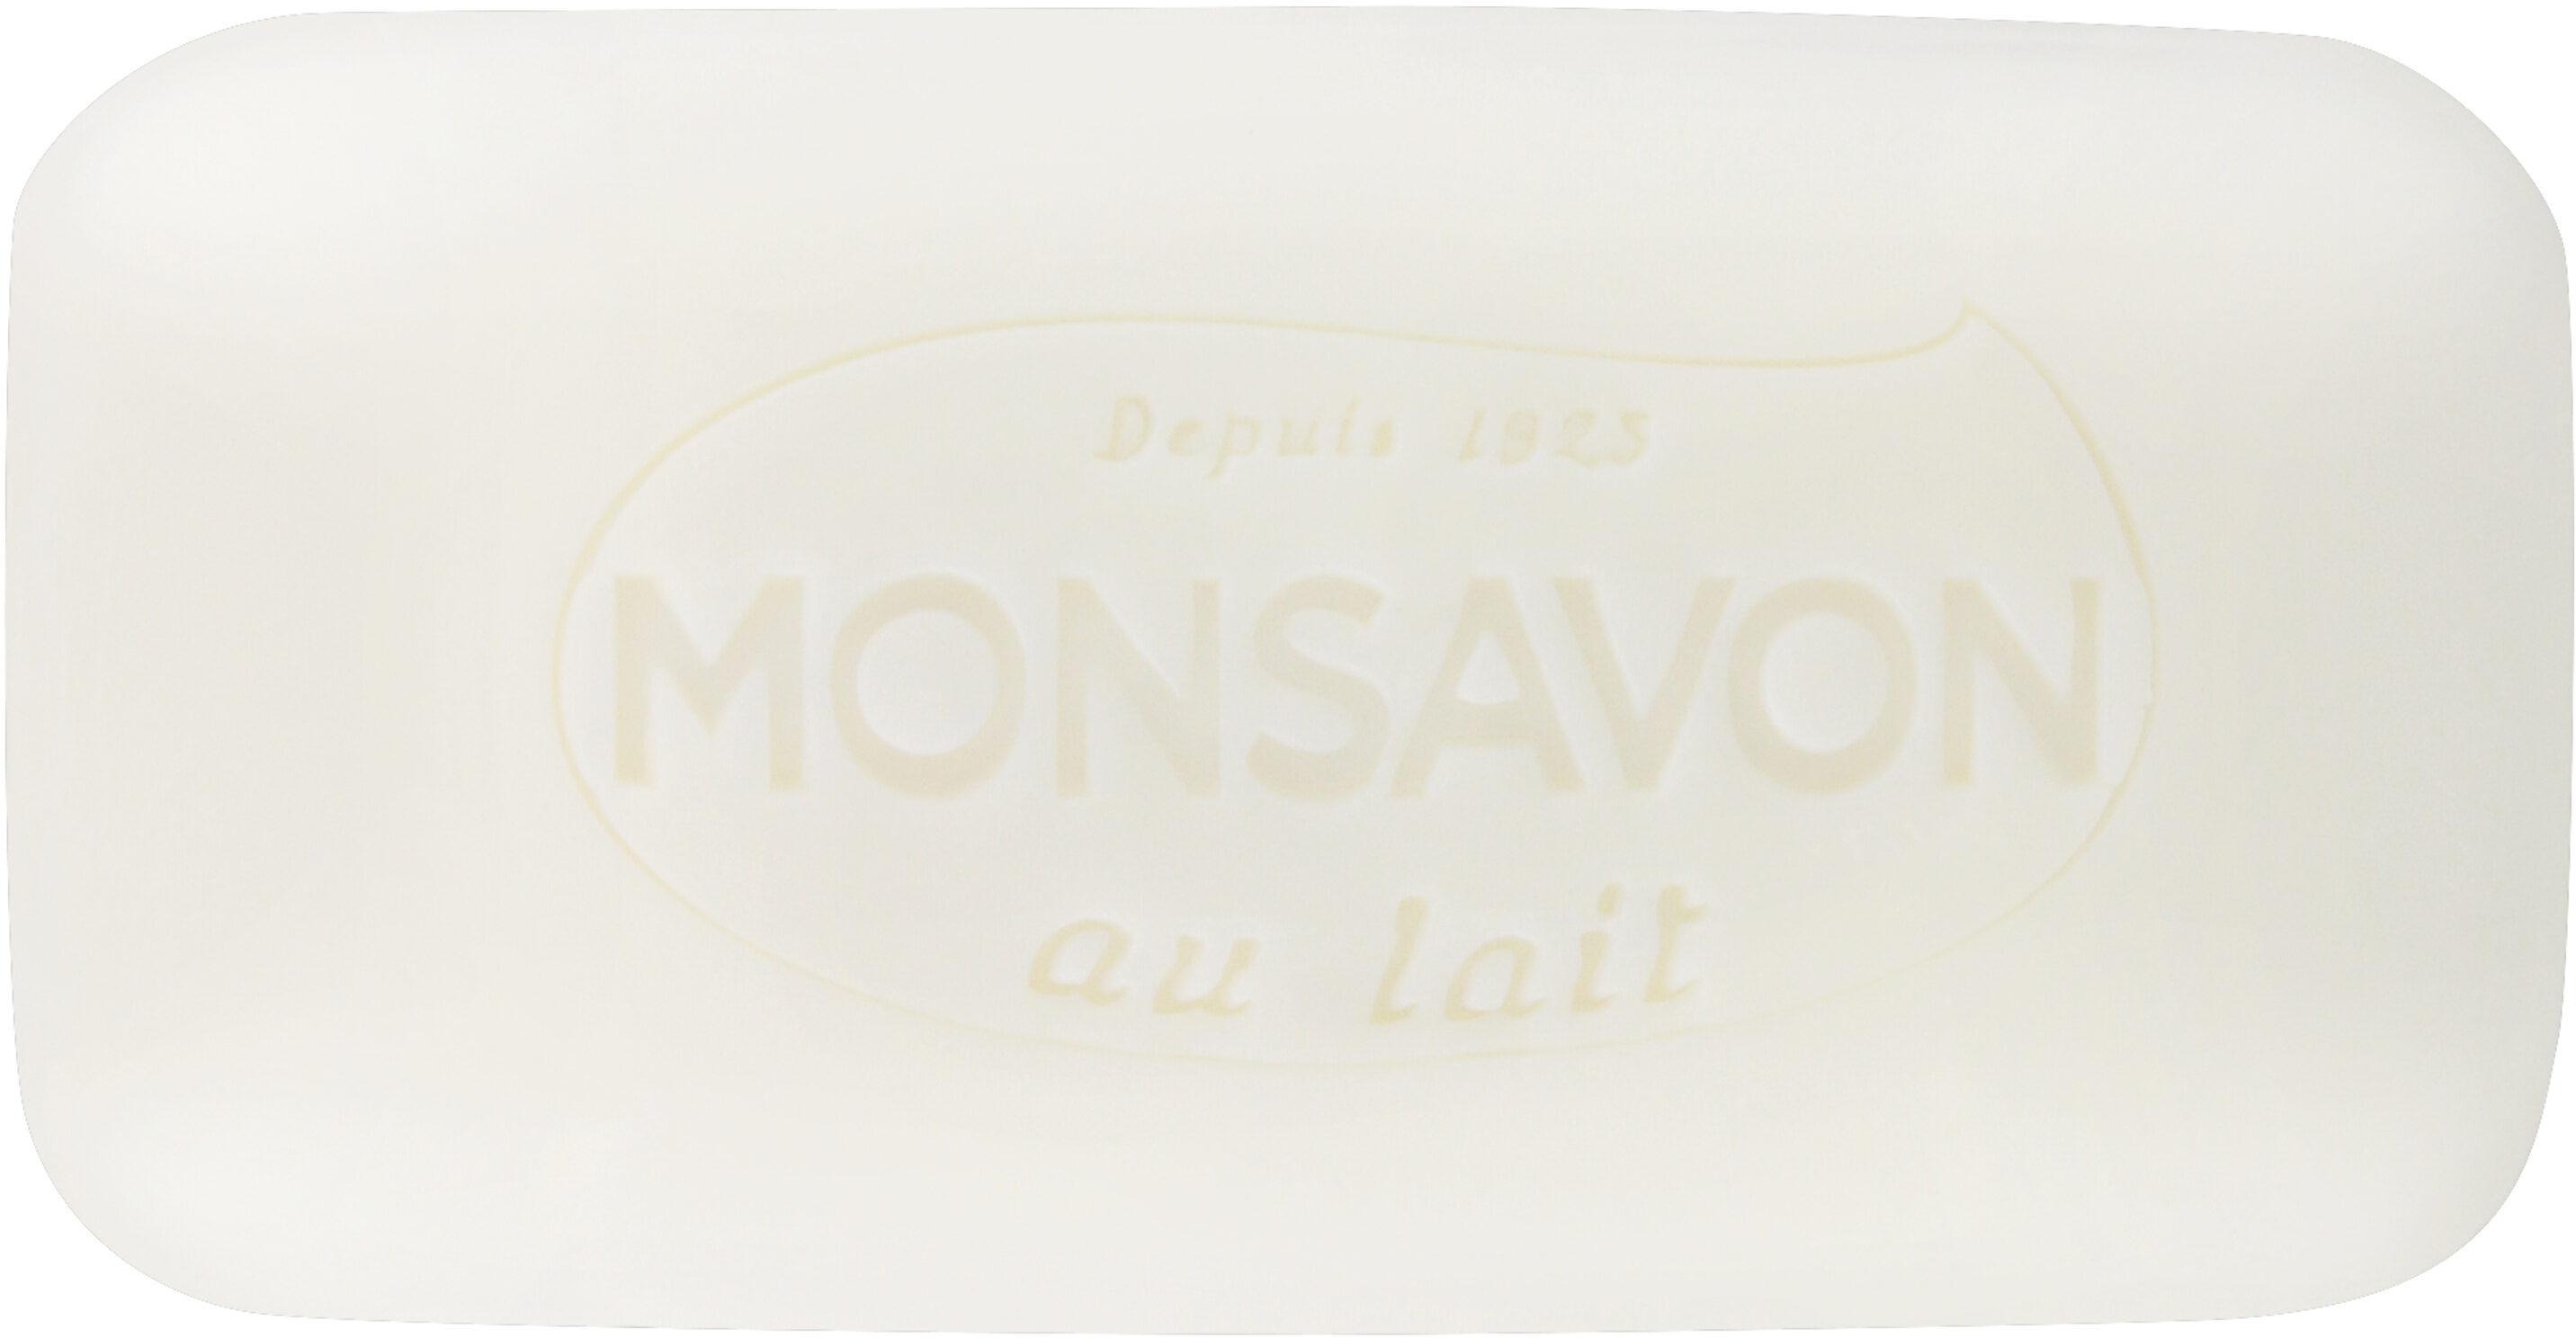 Monsavon Savon Lavant Antibactérien L'Authentique - Produkt - fr